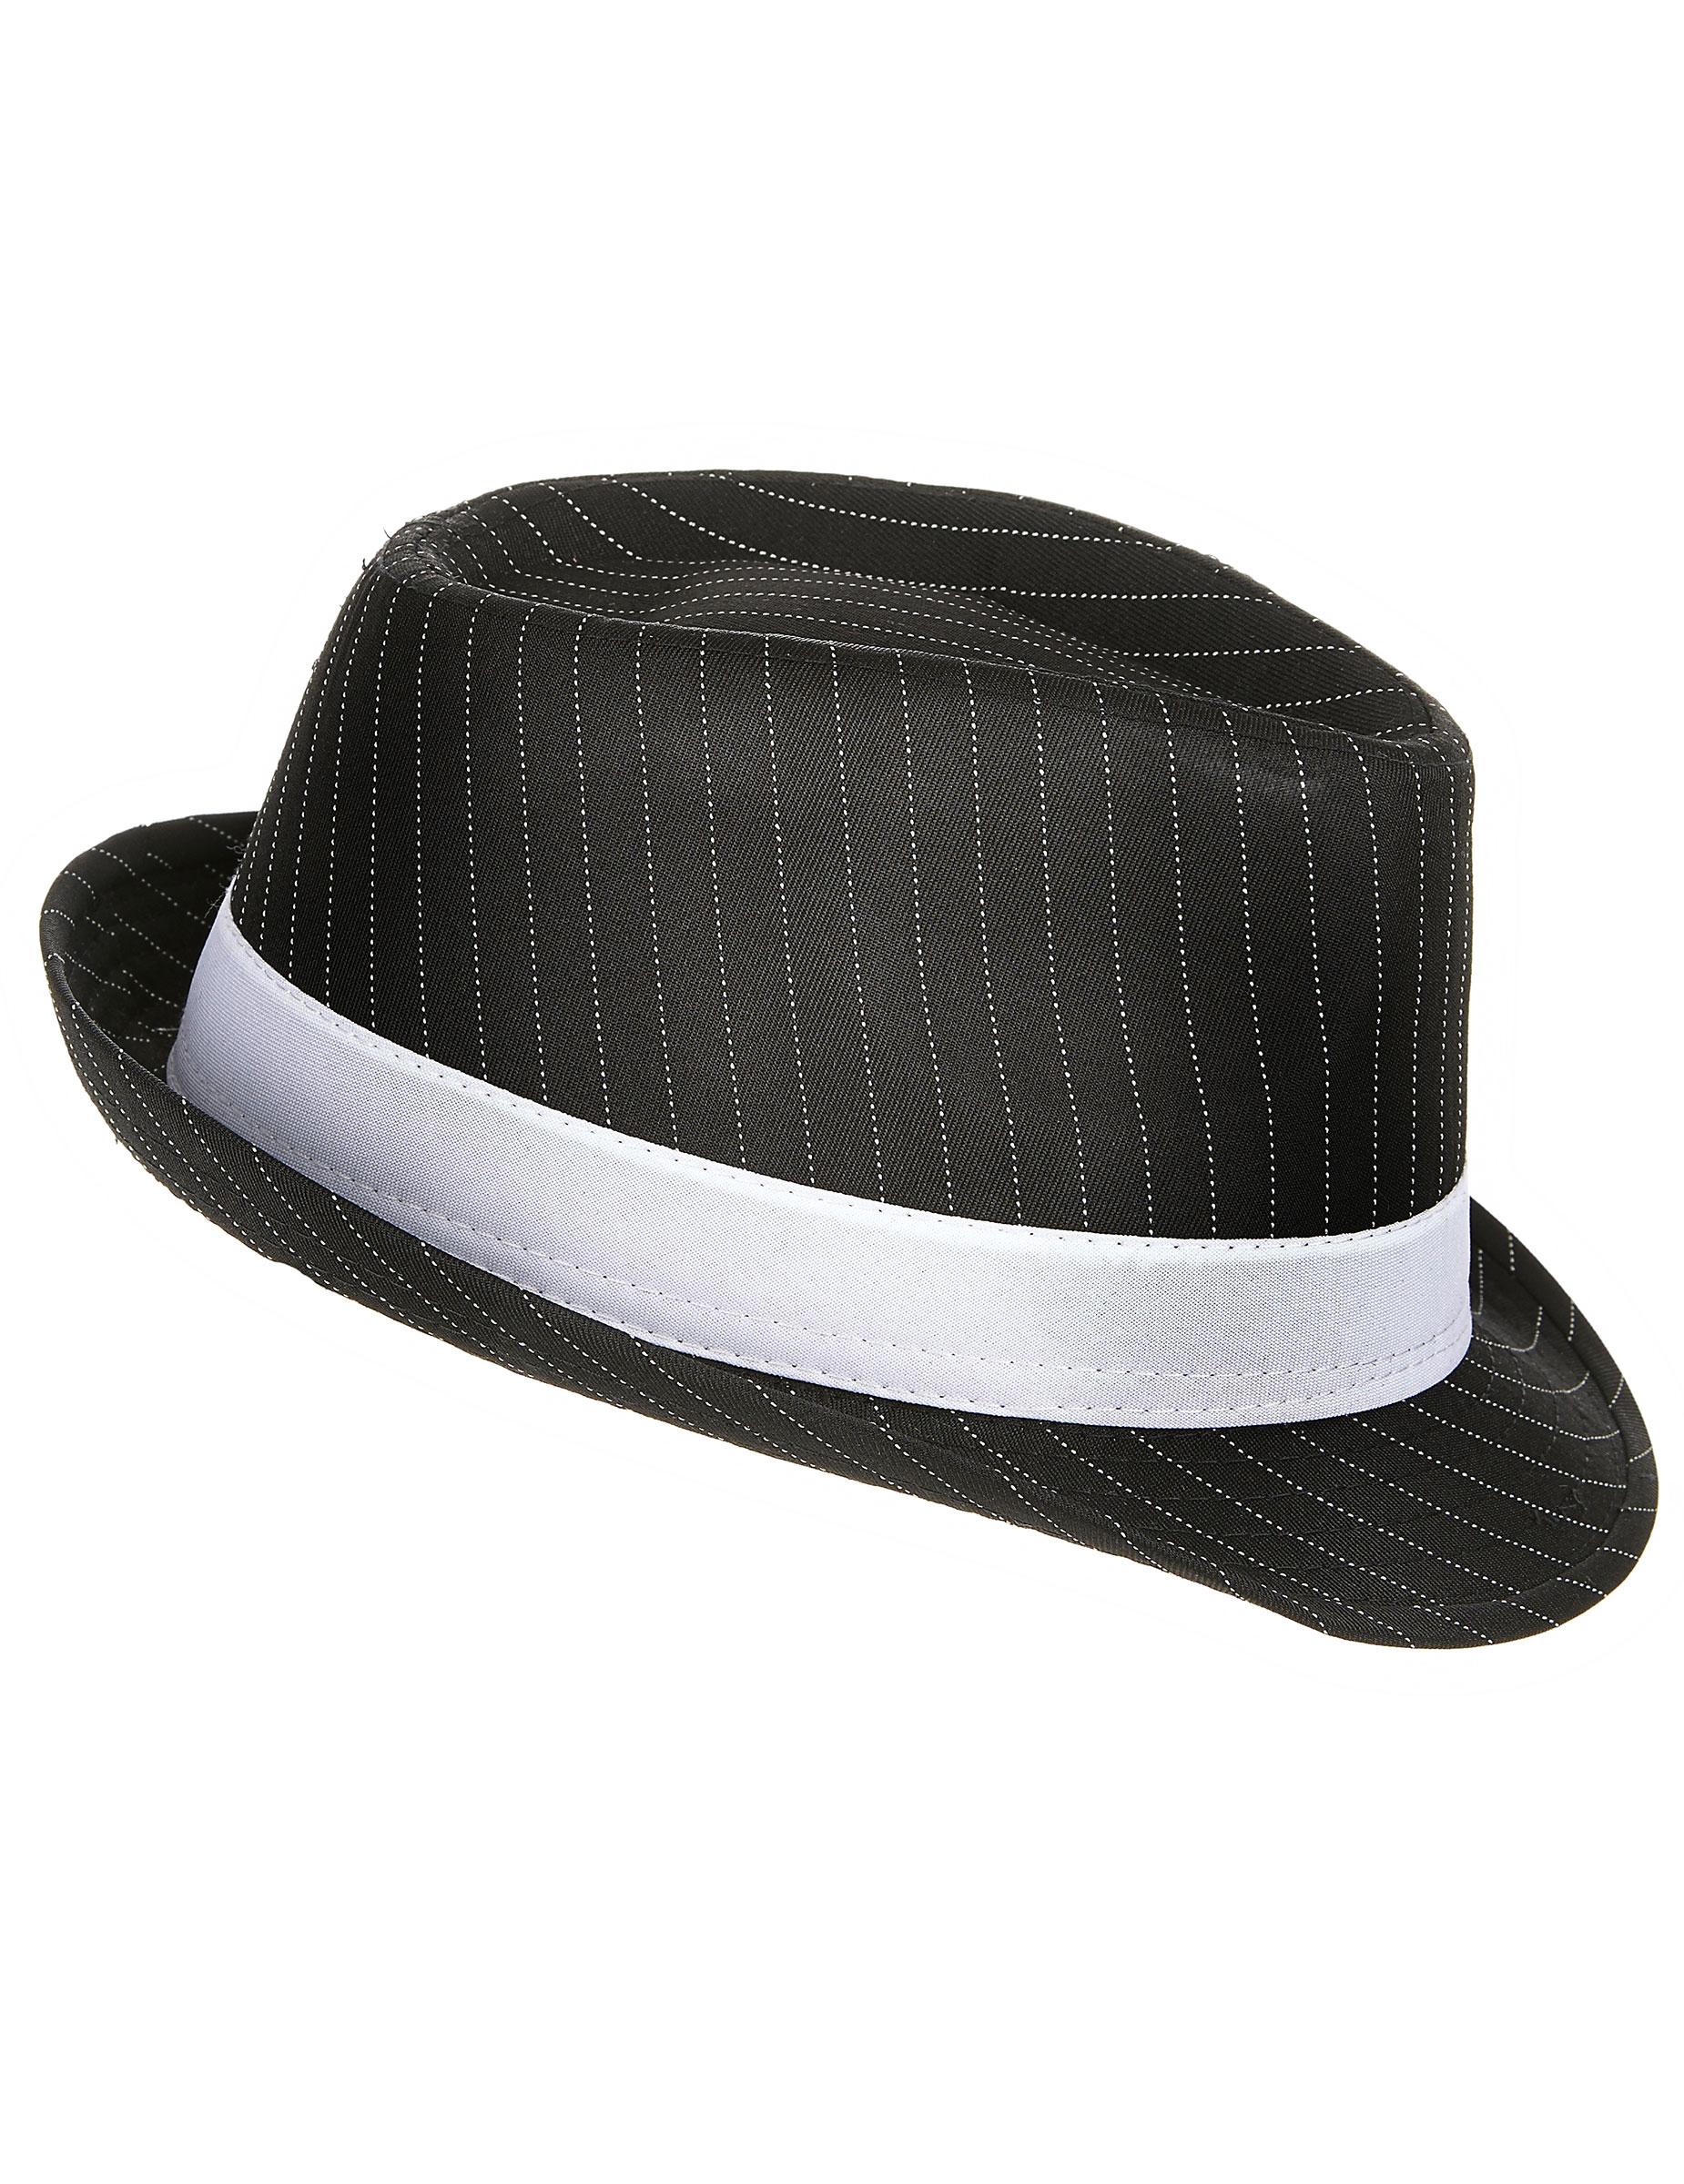 Cappello gangster nero a righe adulto 1ccd6daa848e